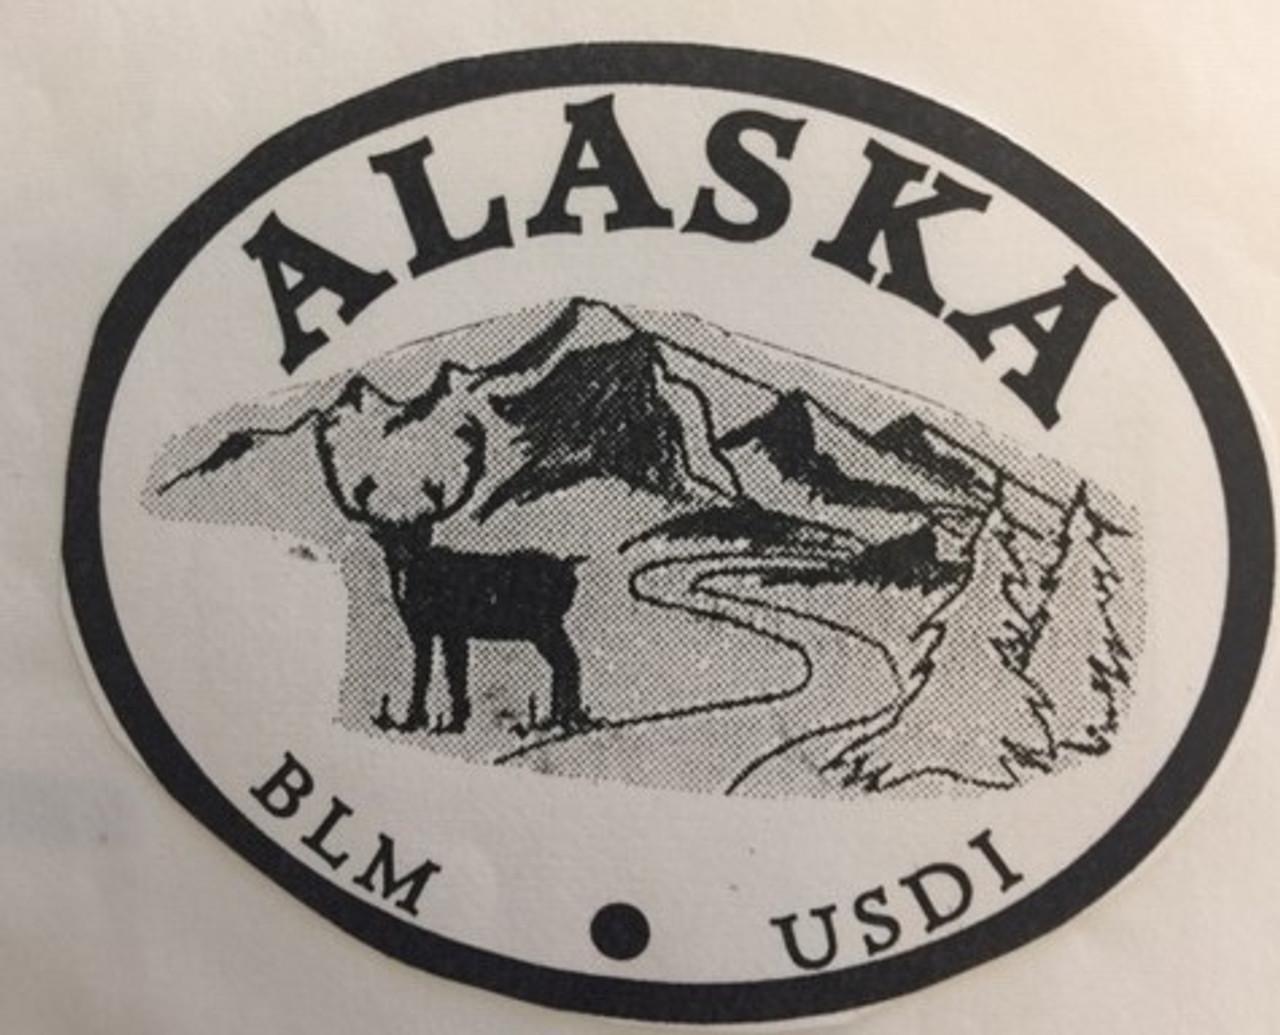 Alaska Bureau of Reclamation Buckle